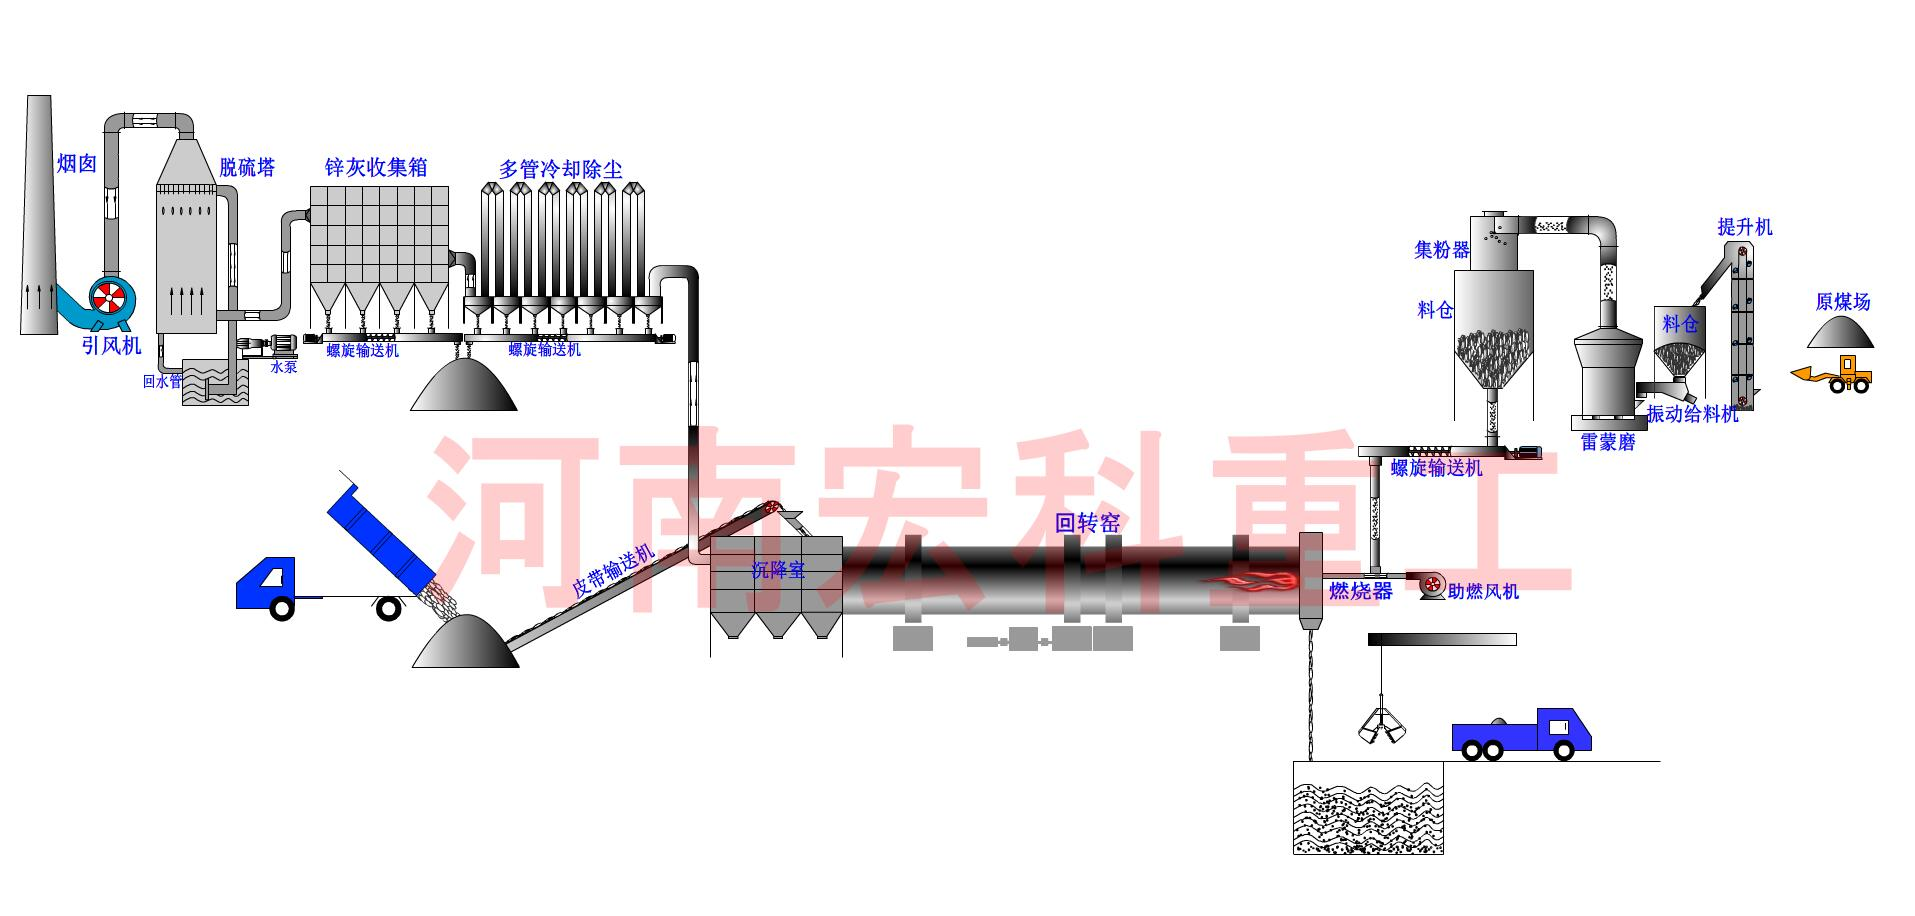 氧化锌回转窑工艺流程图